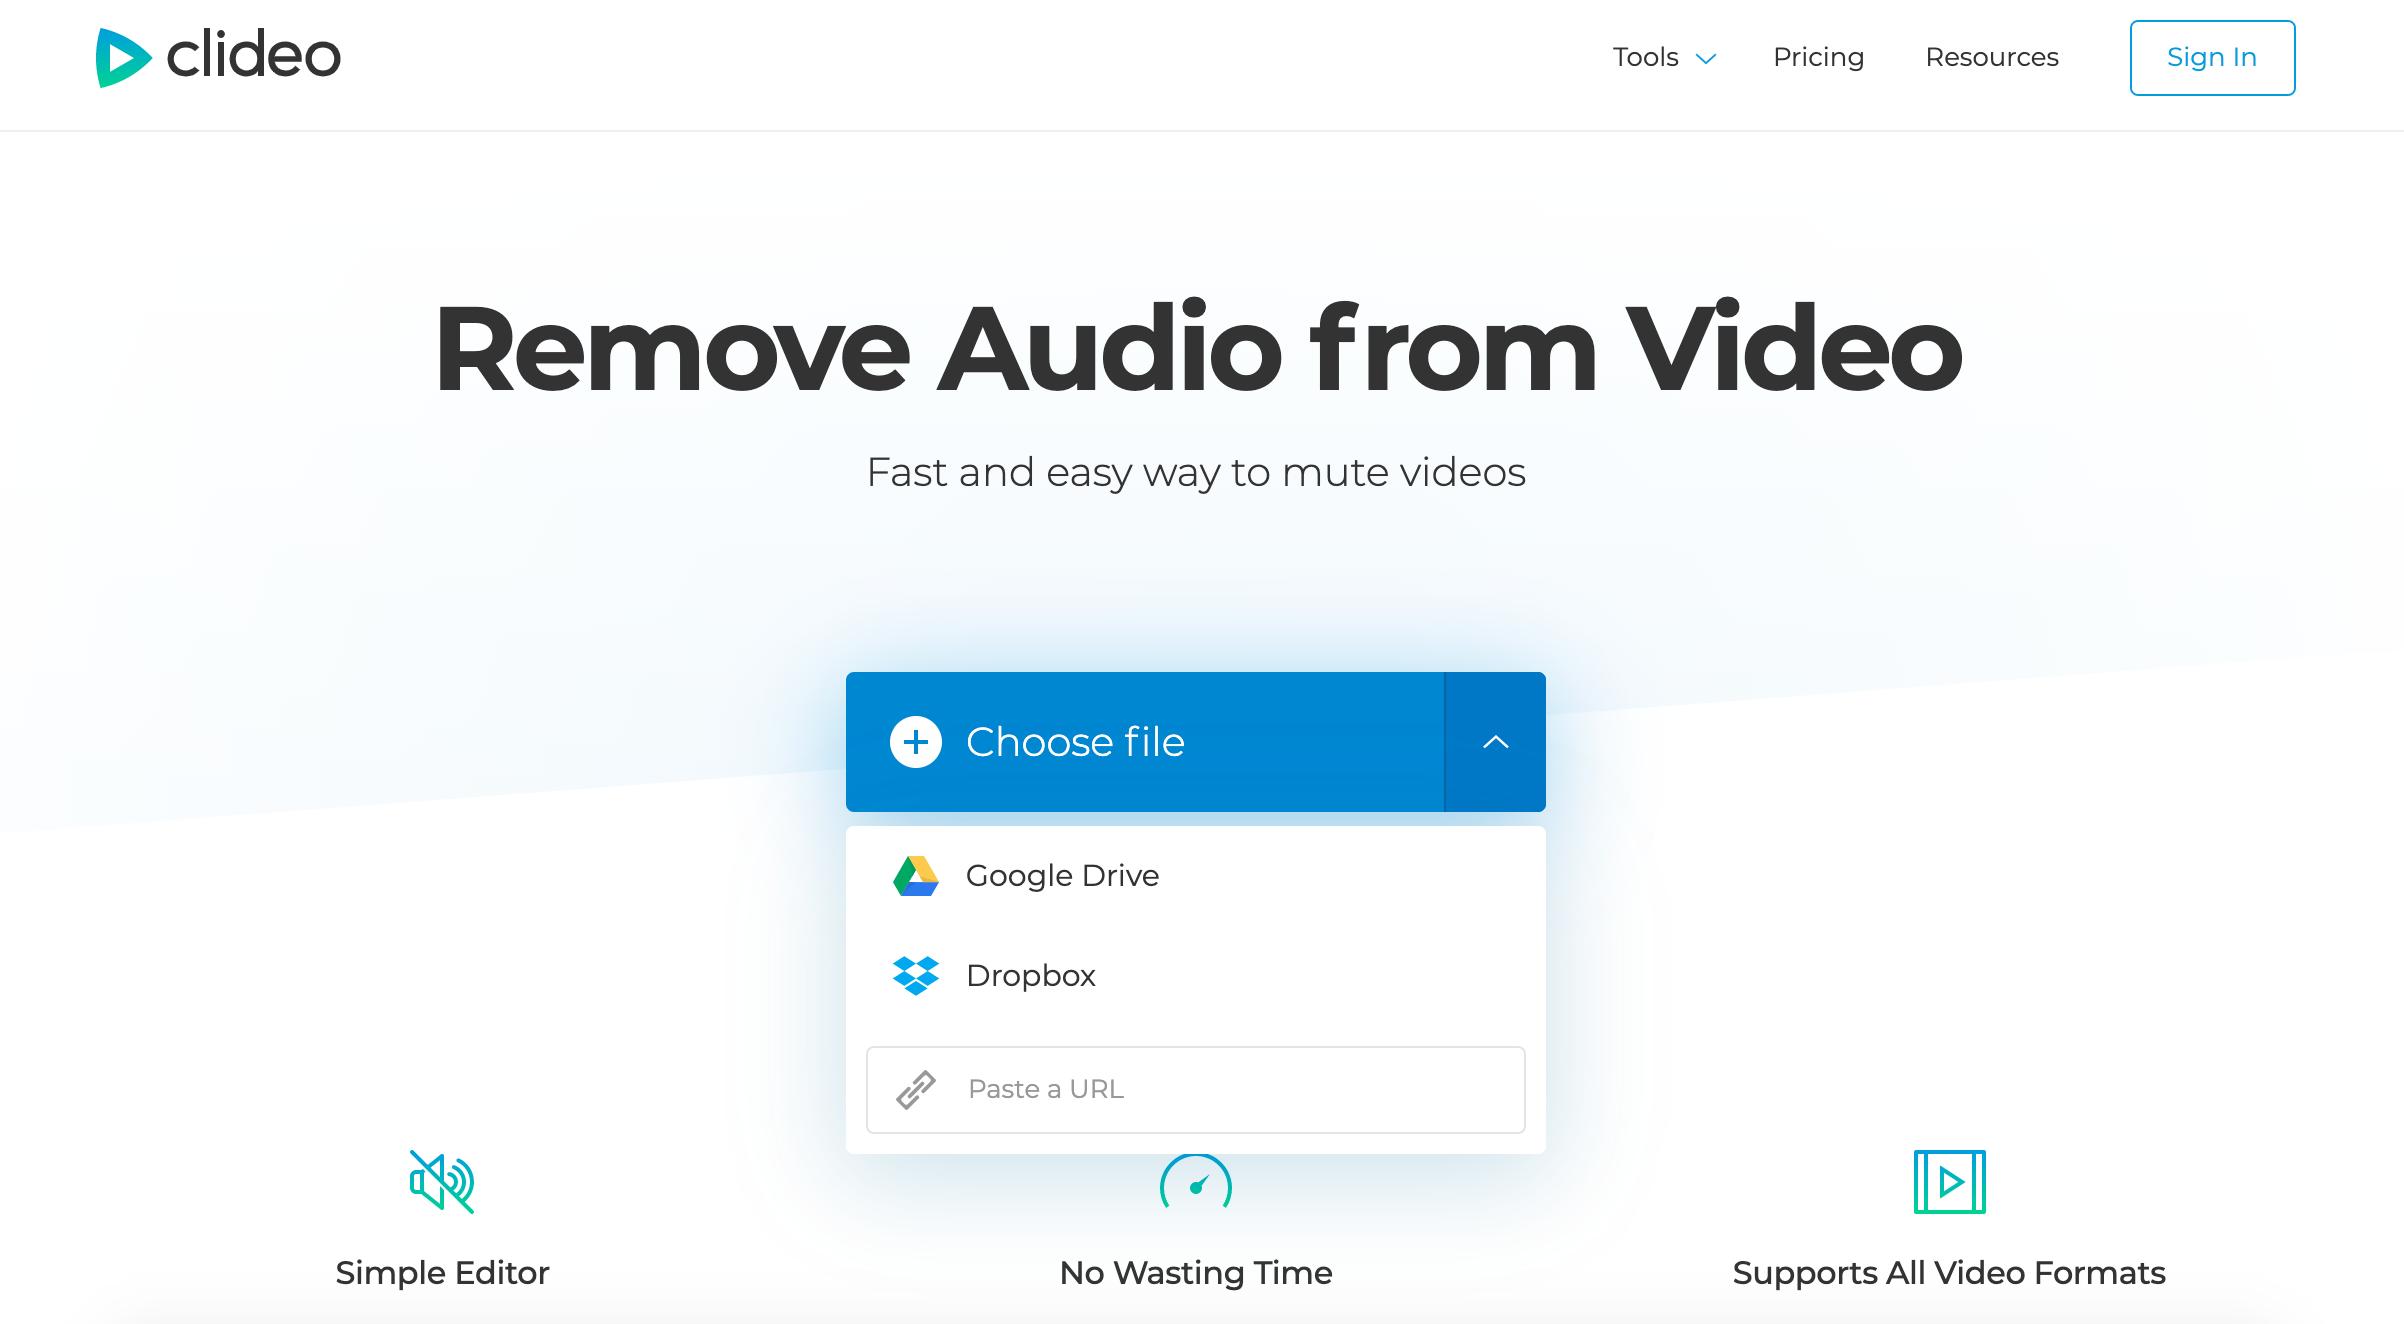 Add Windows video to remove audio